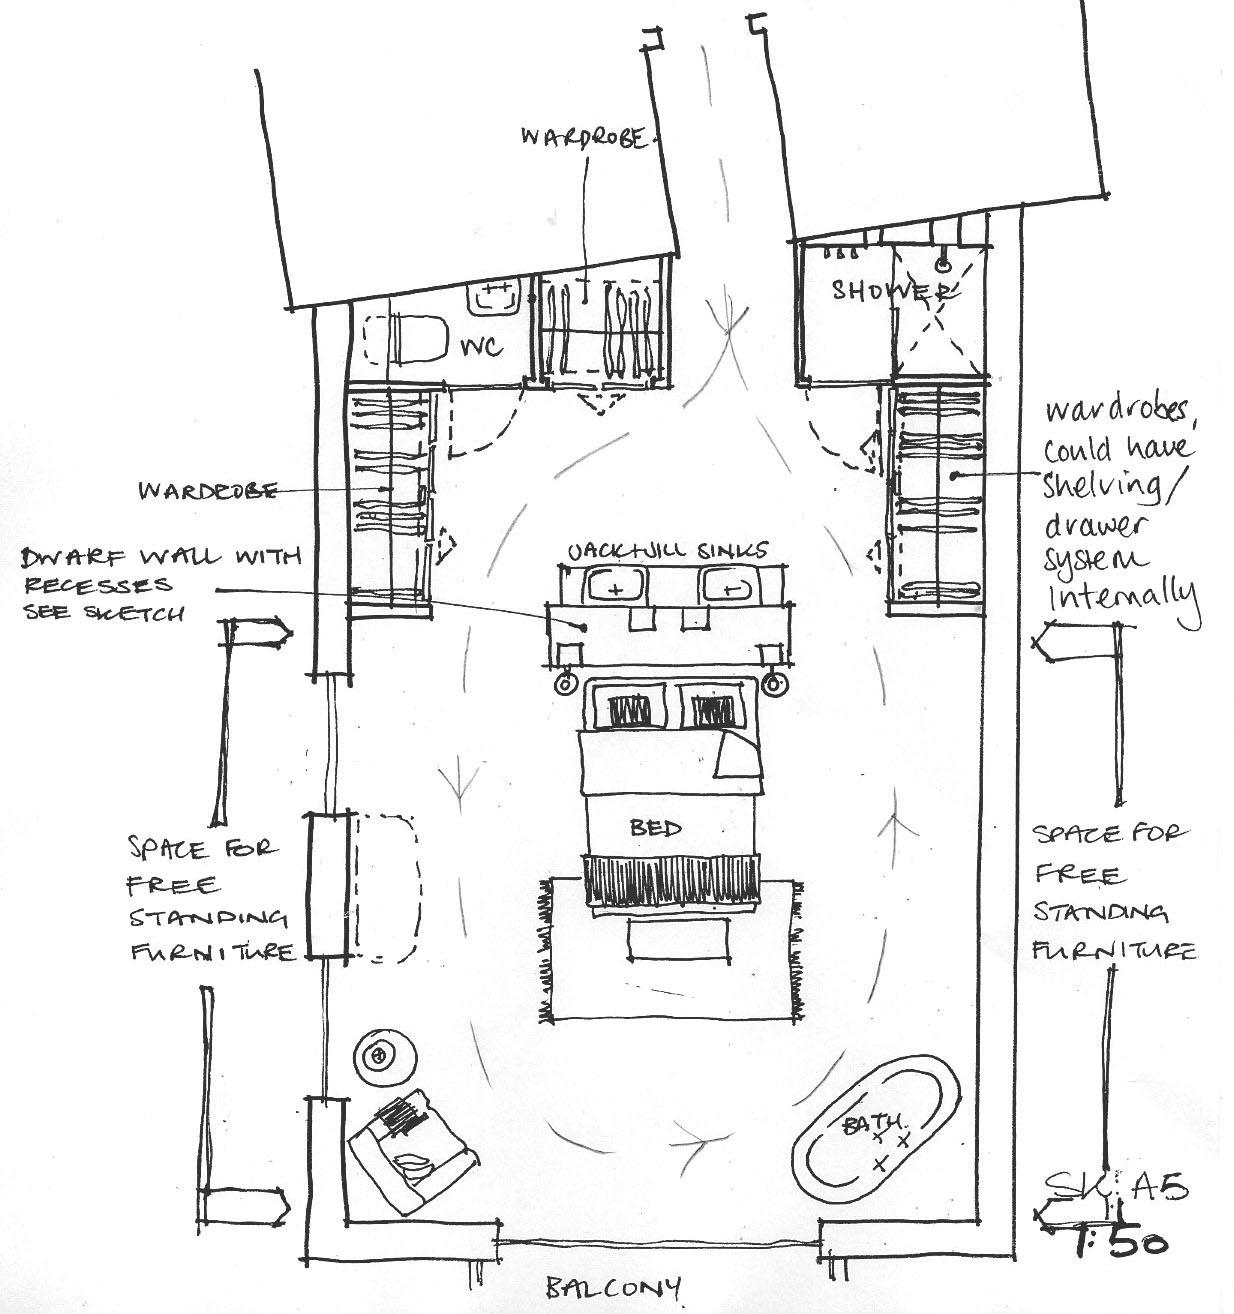 sketch SKA5